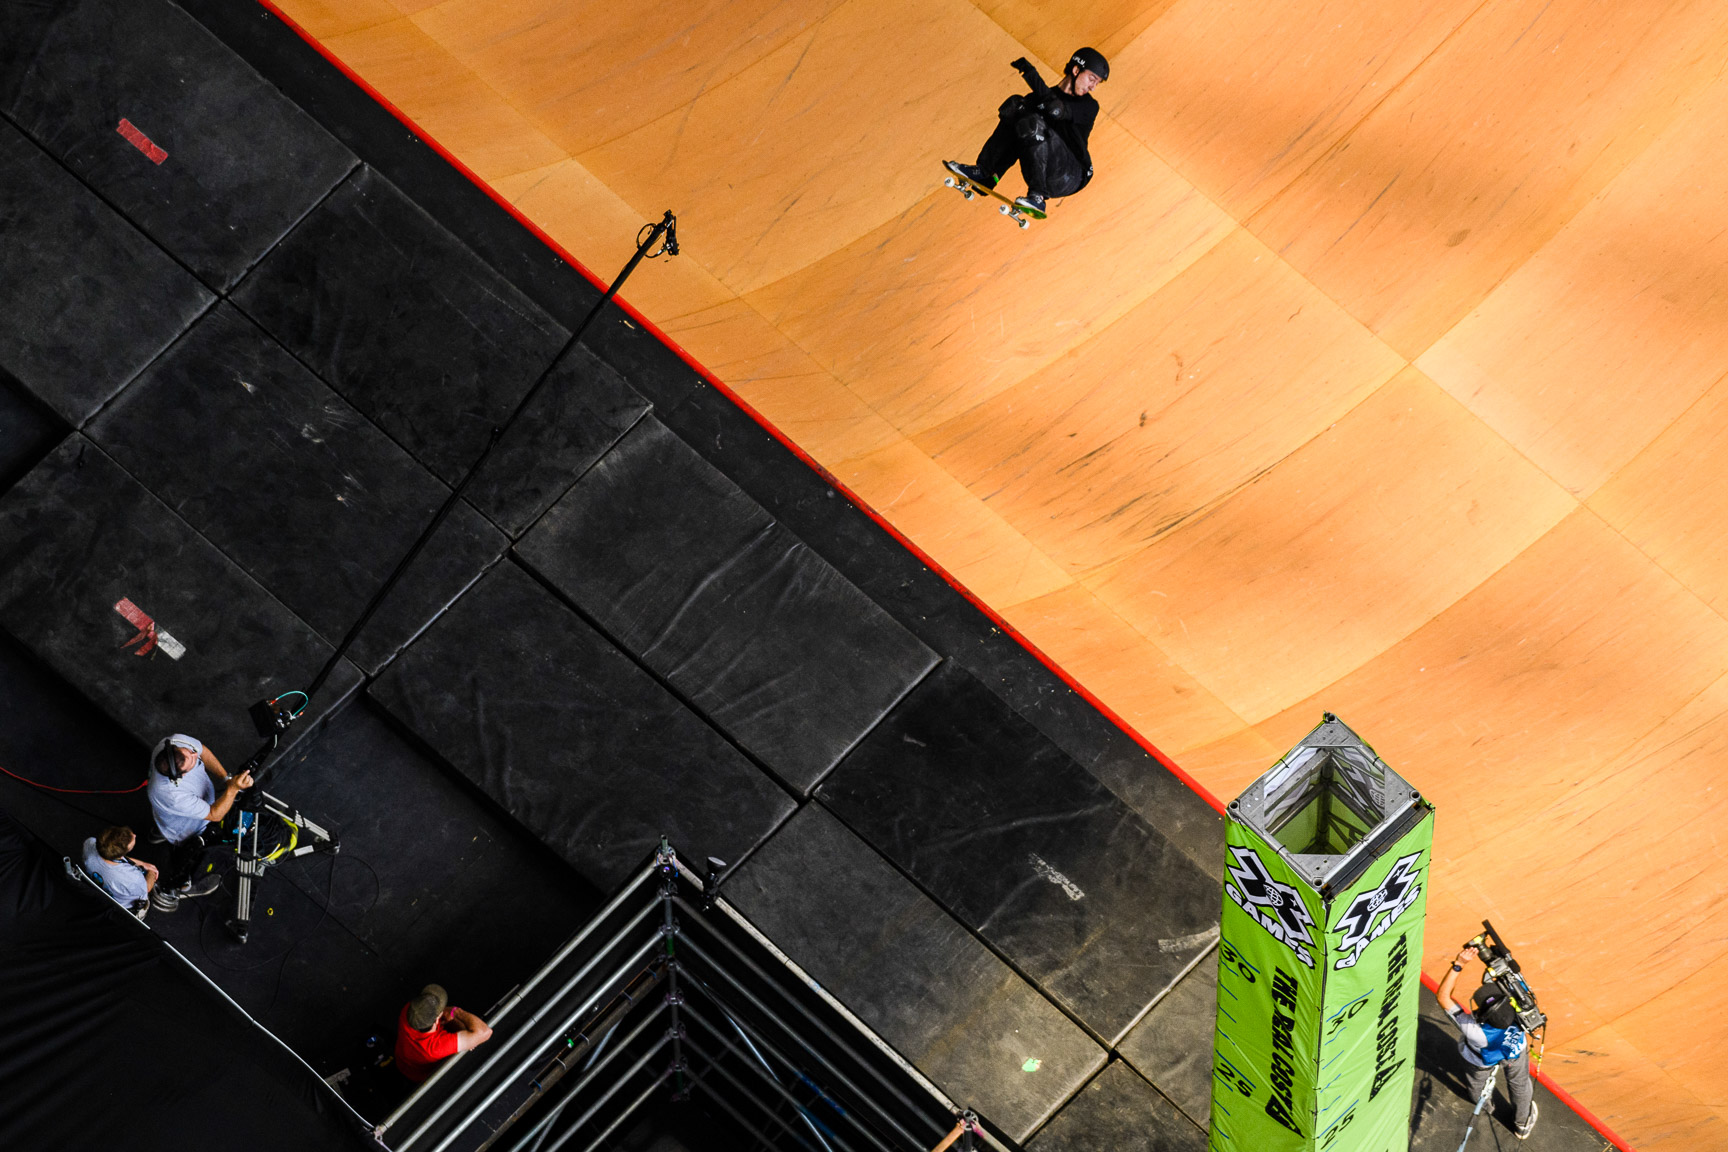 #3 Mitchie Brusco: First Skate 1260